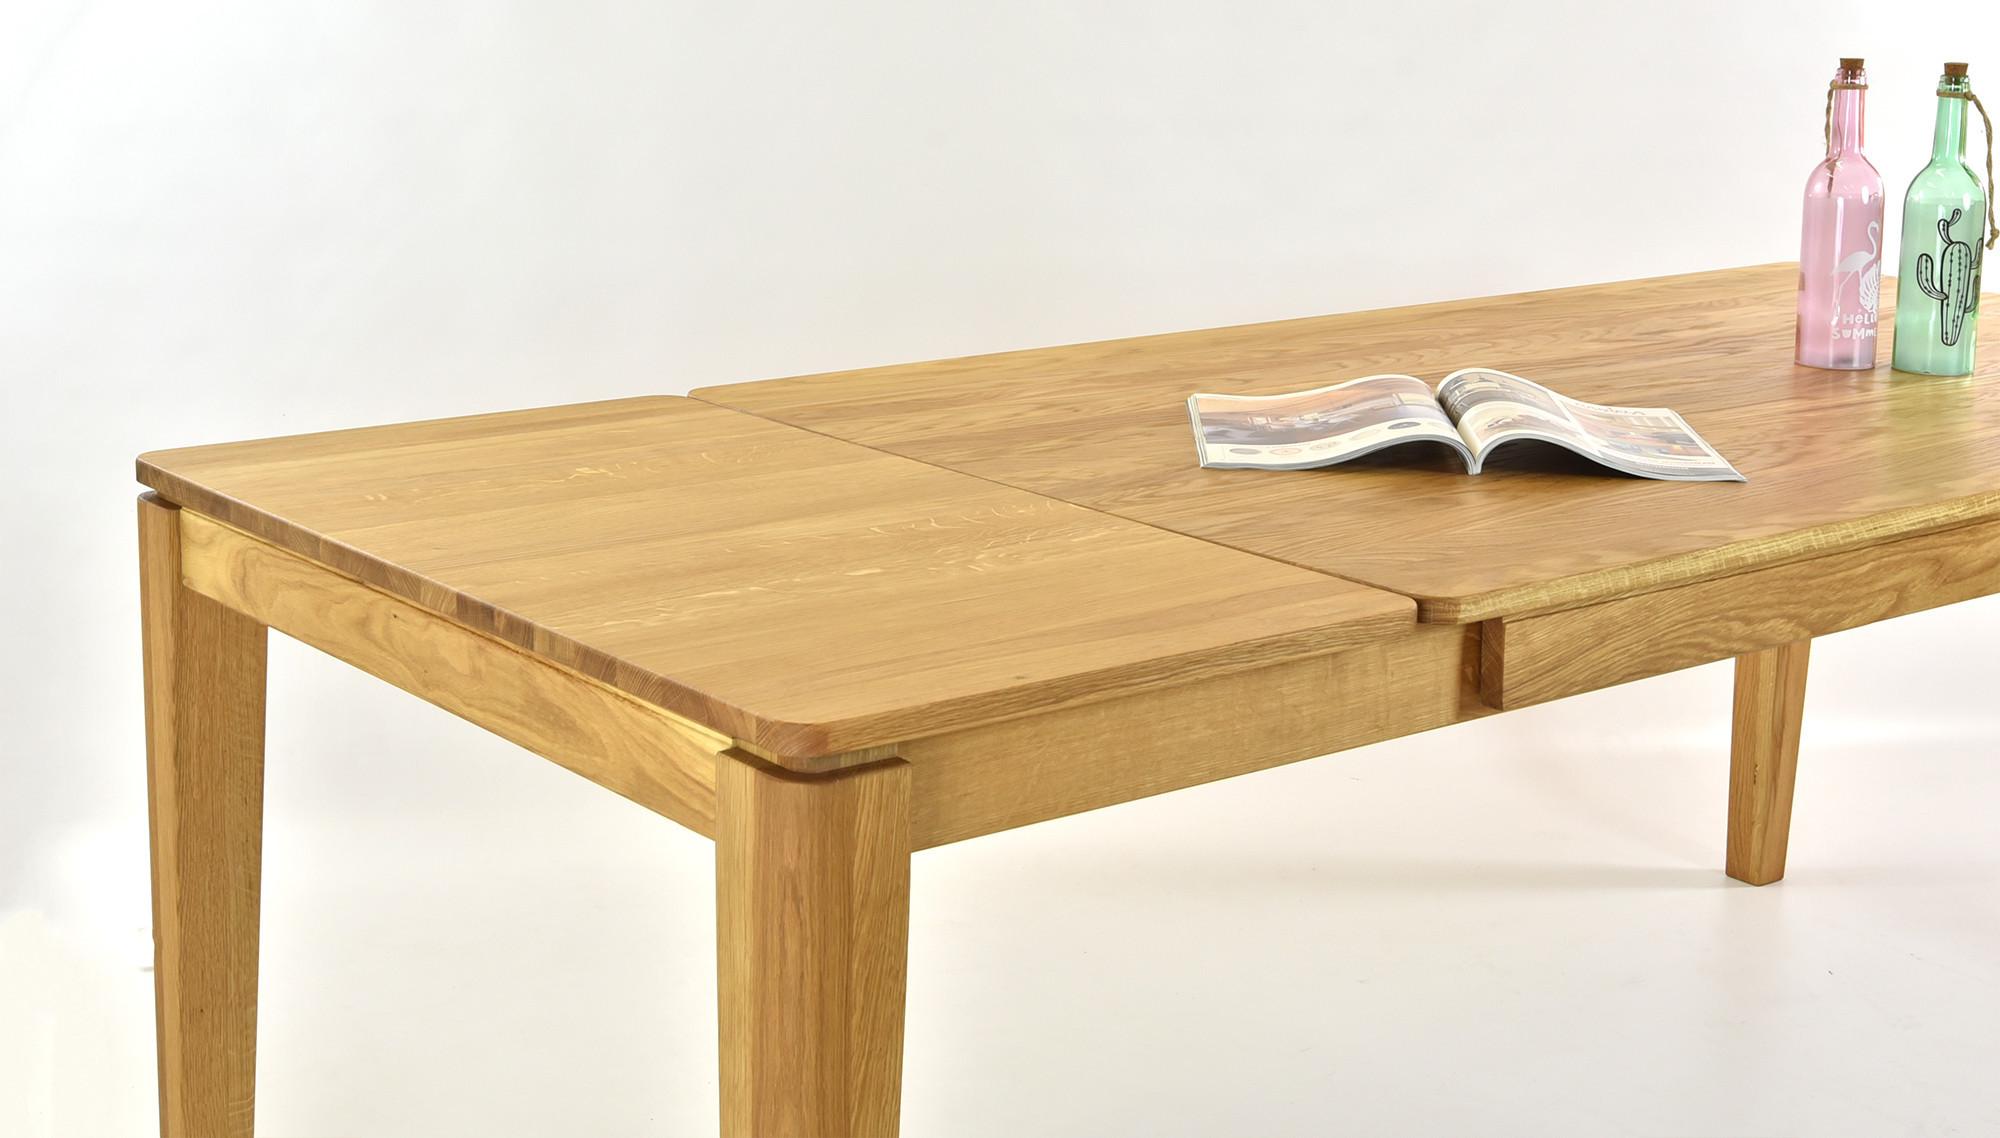 Esstisch aus massivholz ausziehbar houston for Esstisch ausziehbar massivholz